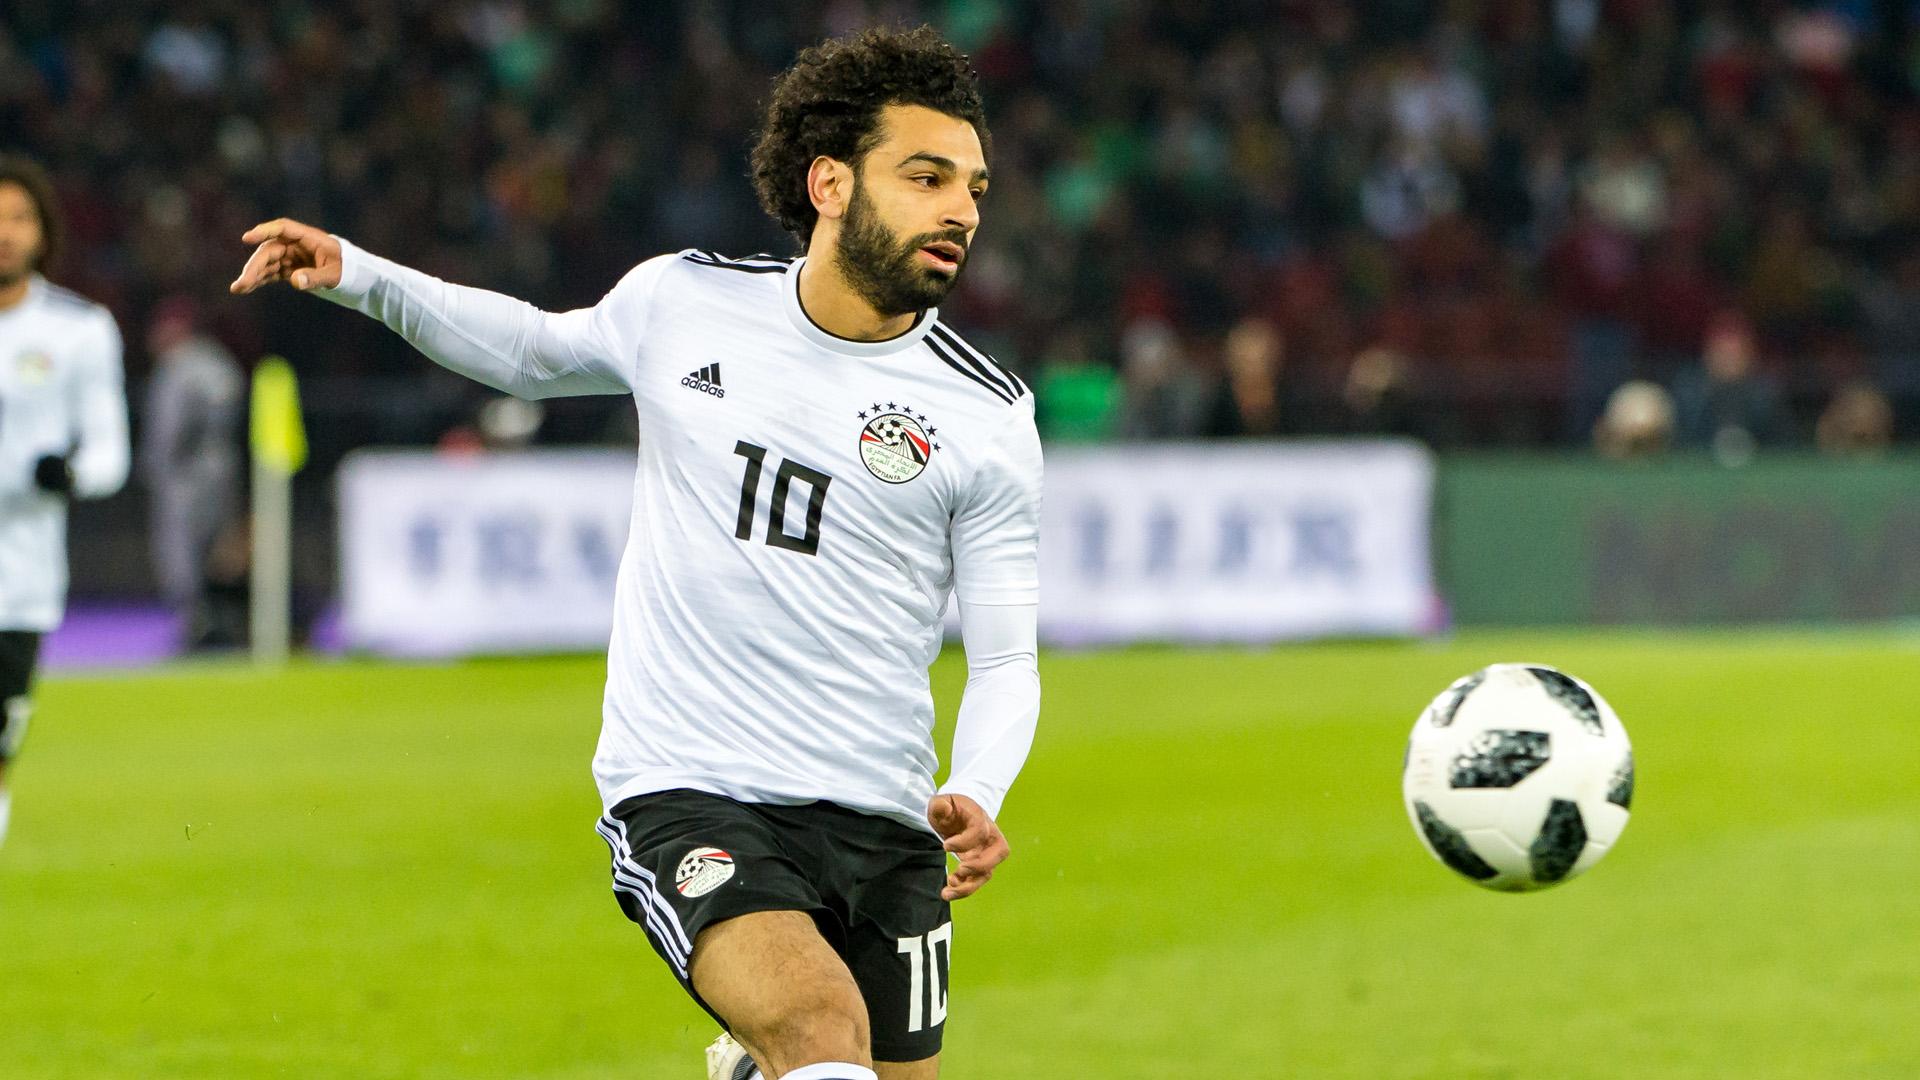 Mohamed Salah Portugal Egipto 23032018 Egipto Camiseta Alternativa Egypt Away Kit